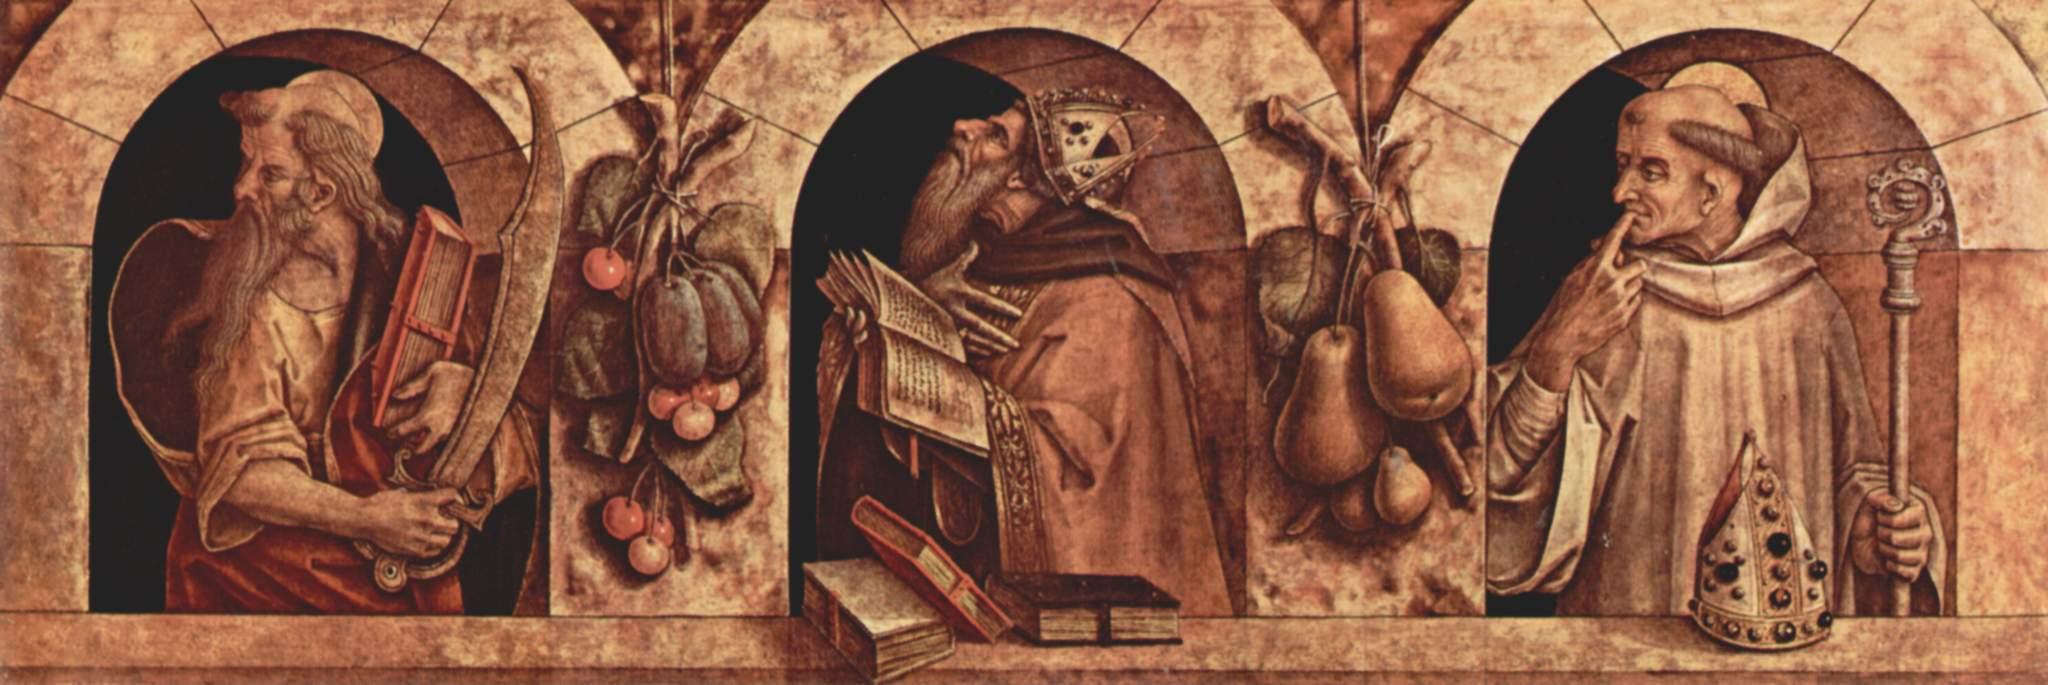 Св. Павл, св. Иоанн Златоуст и св. Василий, Карло Кривелли